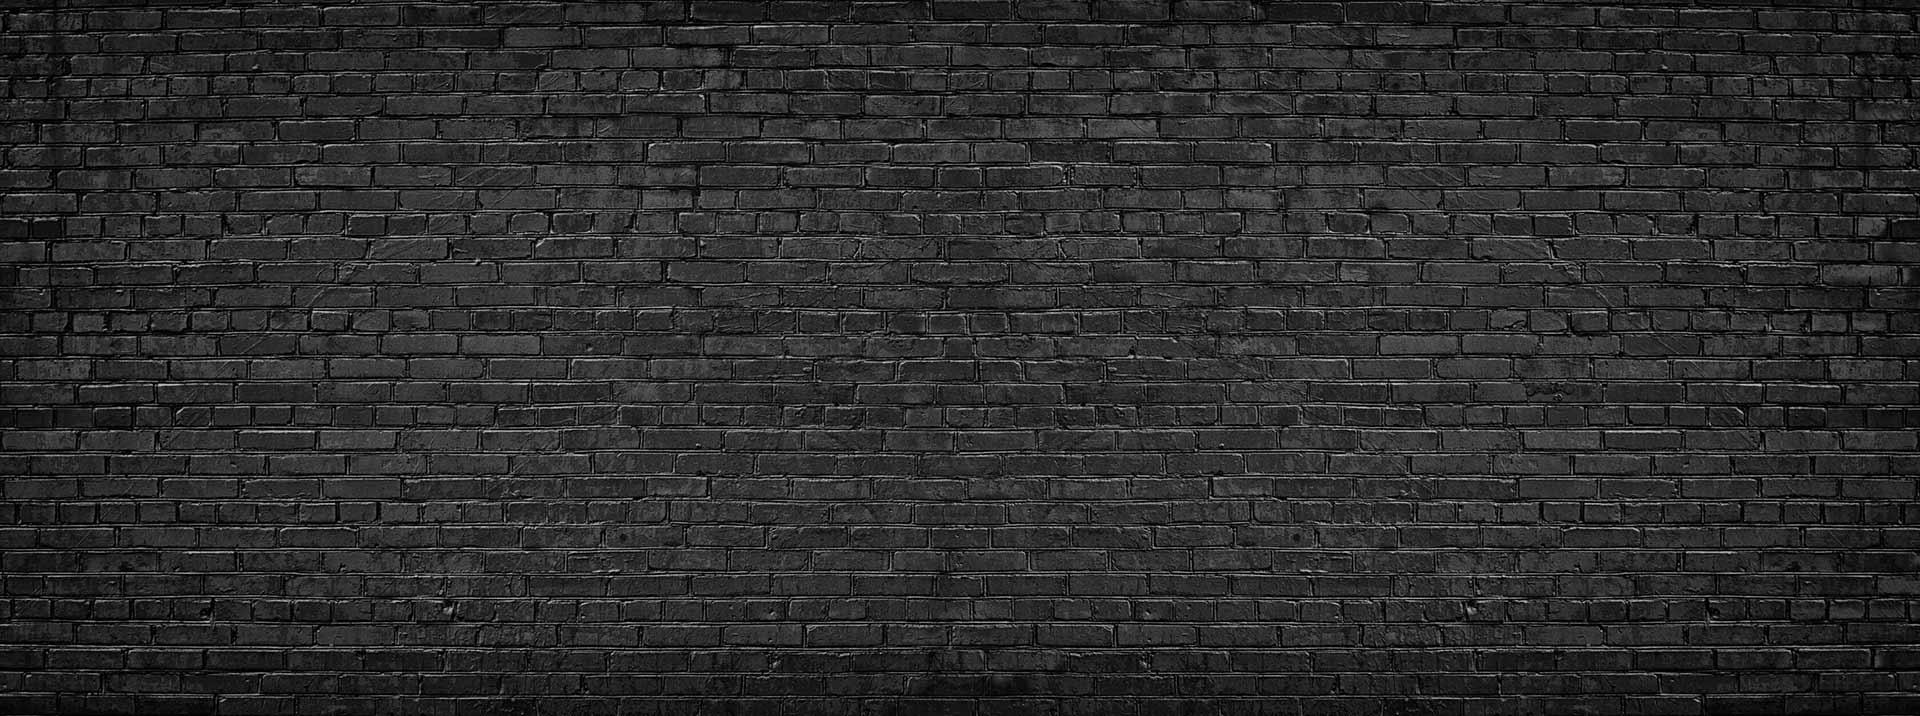 Fond Briques Noires